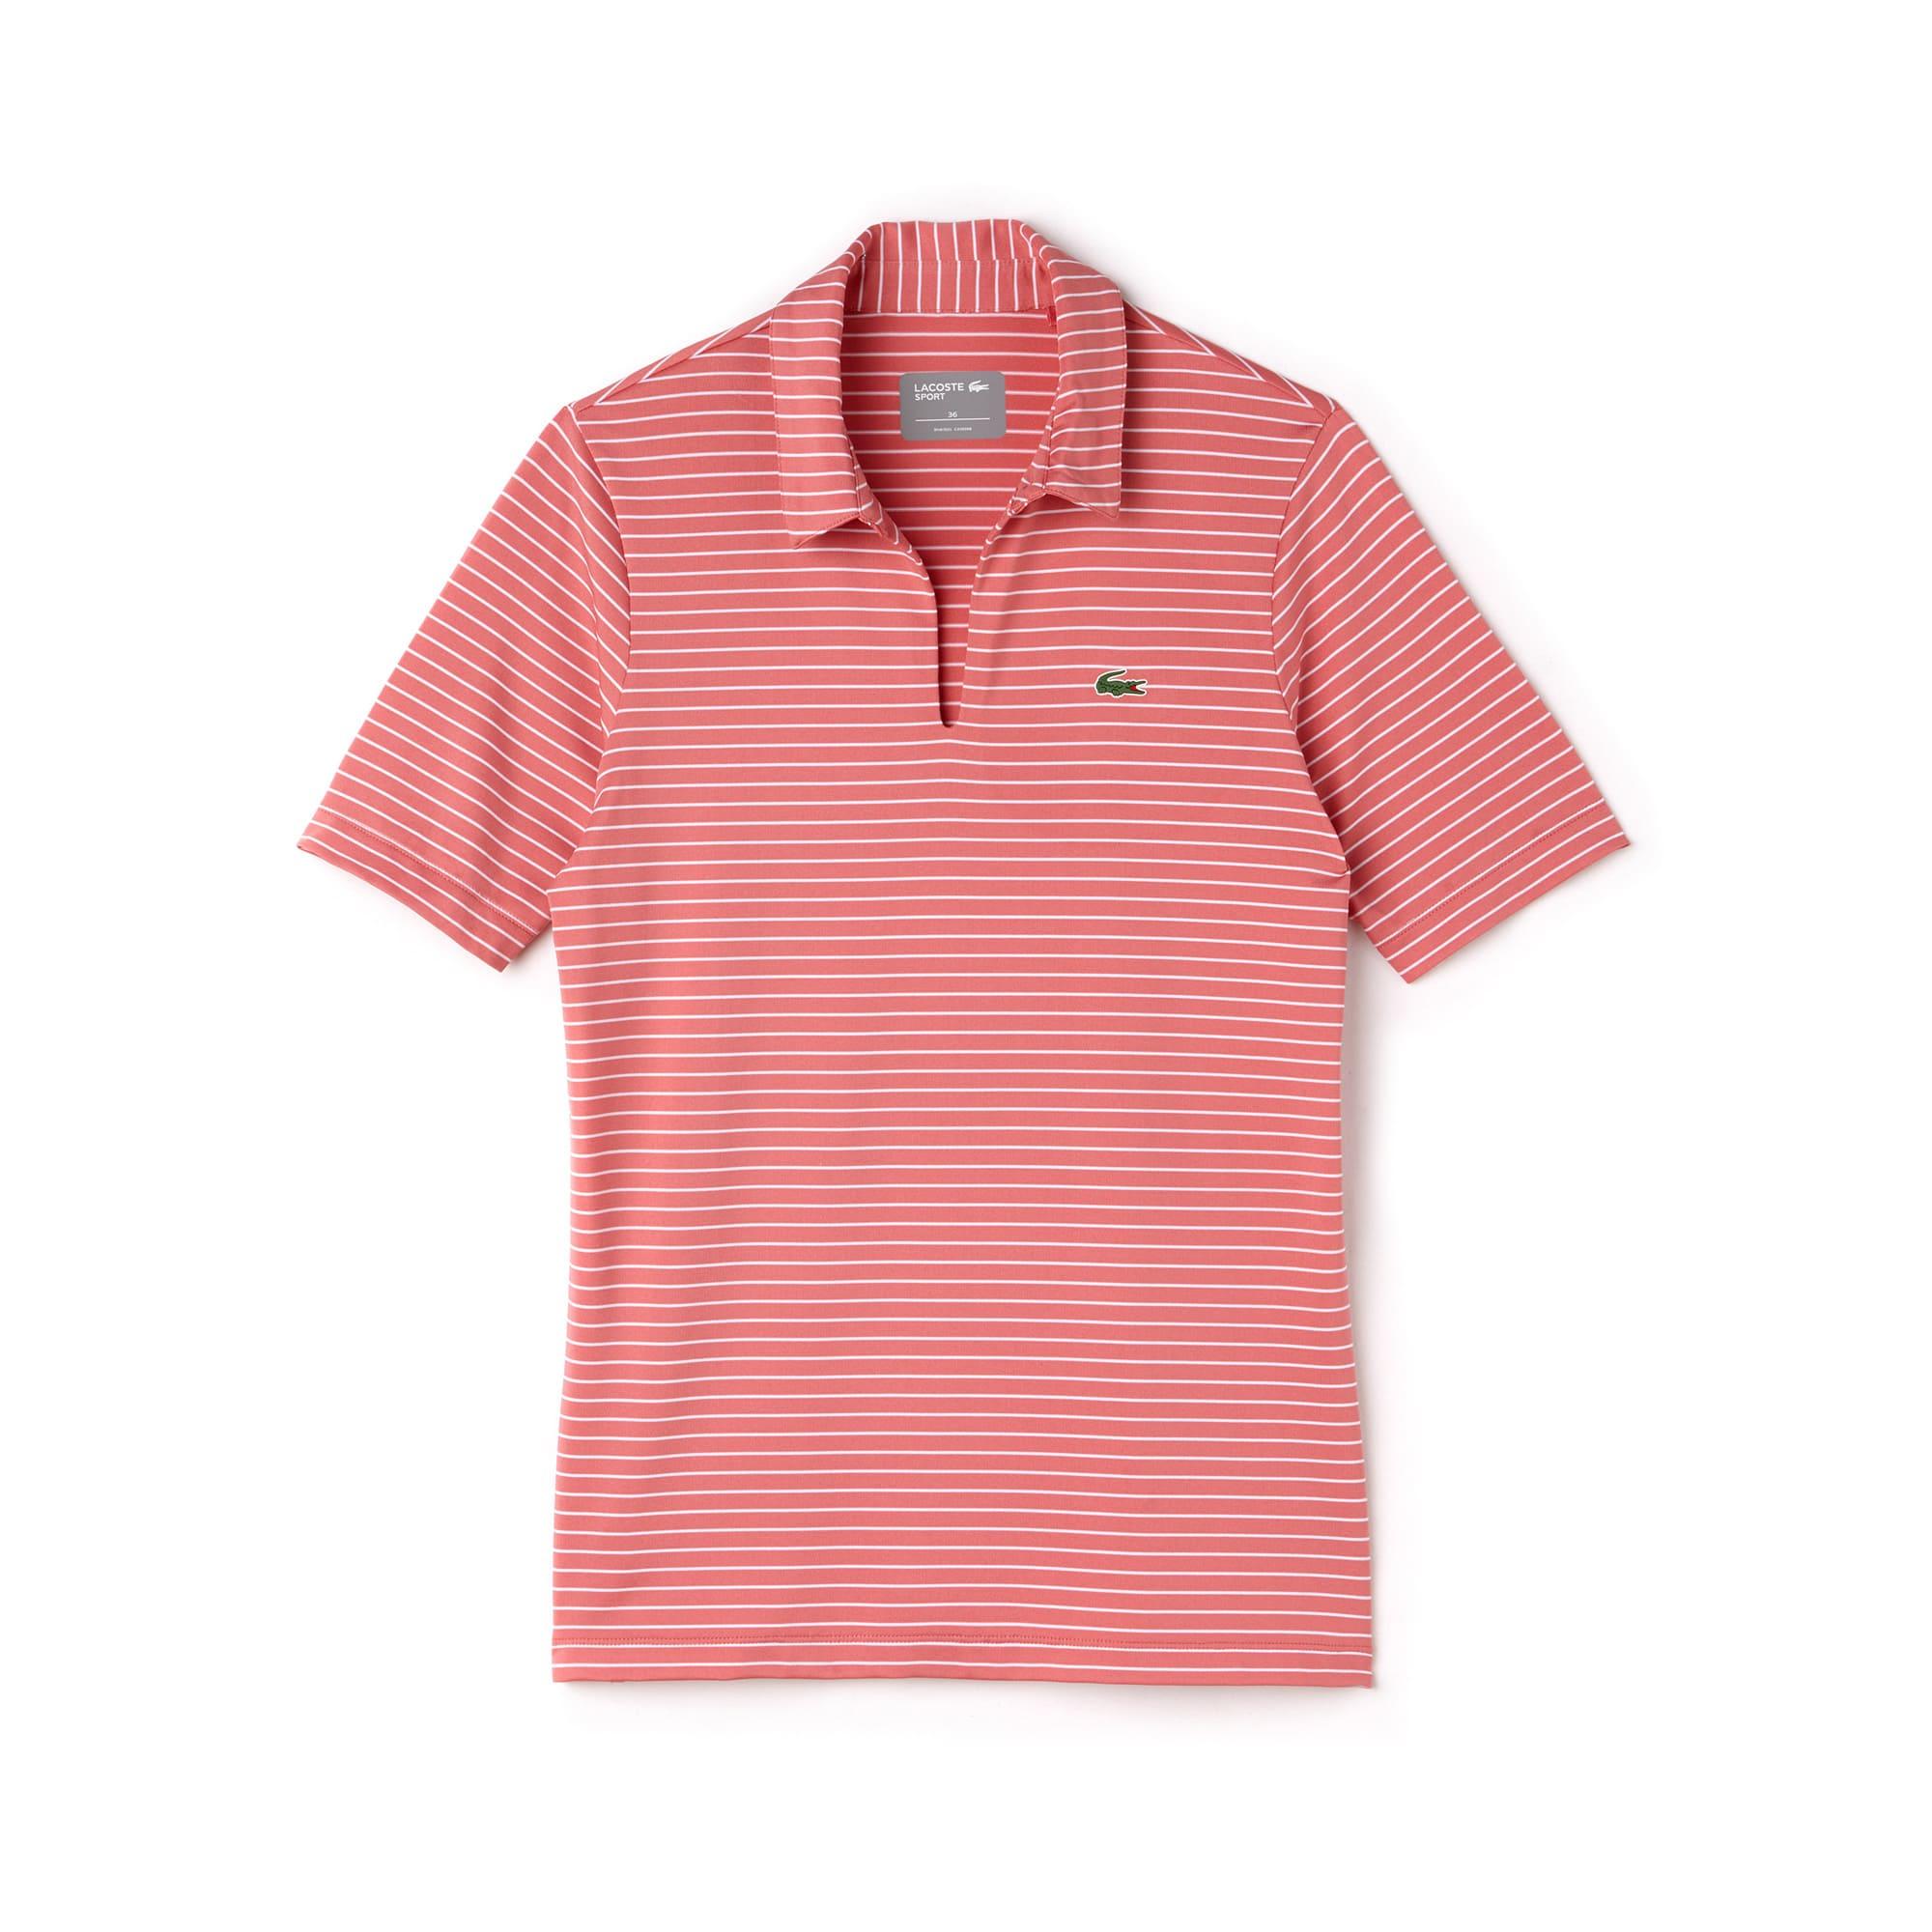 Women's Lacoste SPORT Teardrop Neck Striped Jersey Golf Polo Shirt